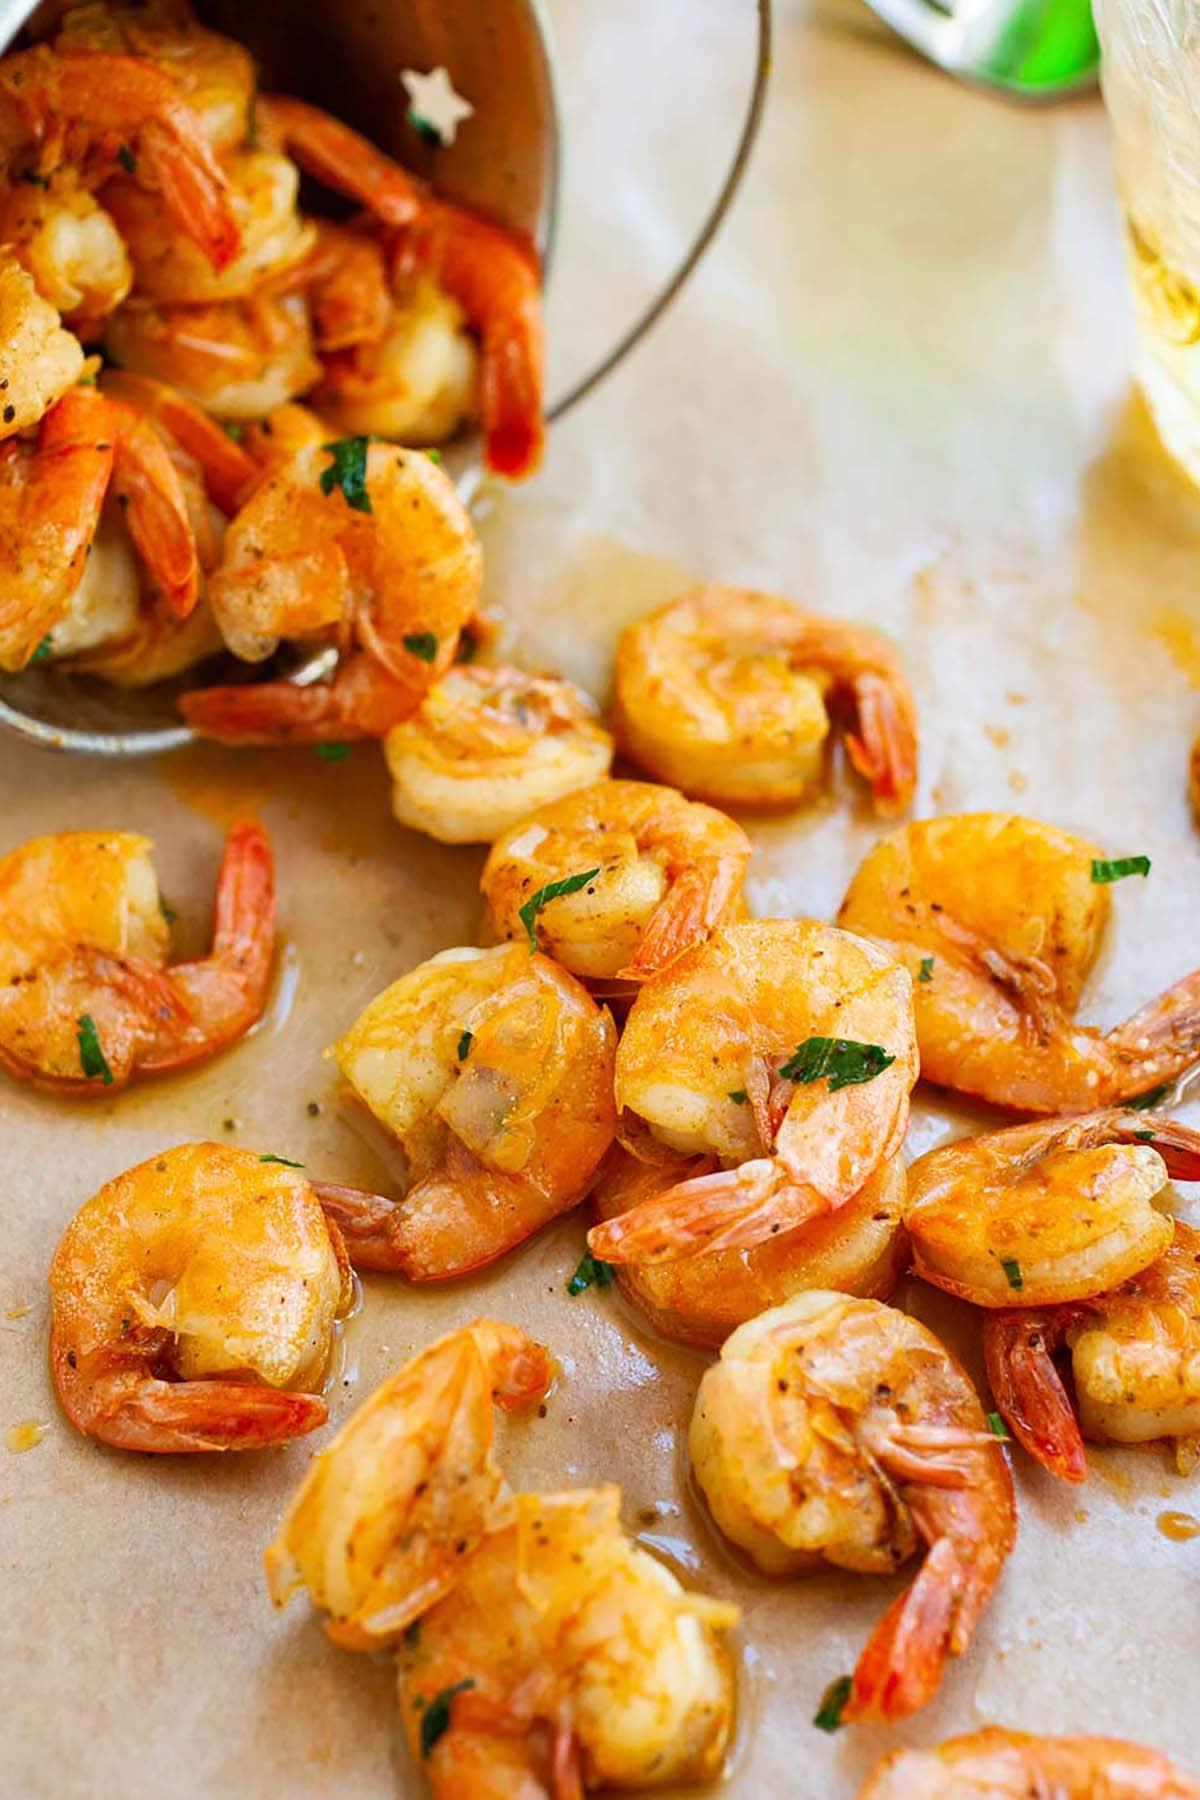 Eplucher les crevettes d'été et manger des apéritifs marinés avec de la bière, du beurre et des épices.